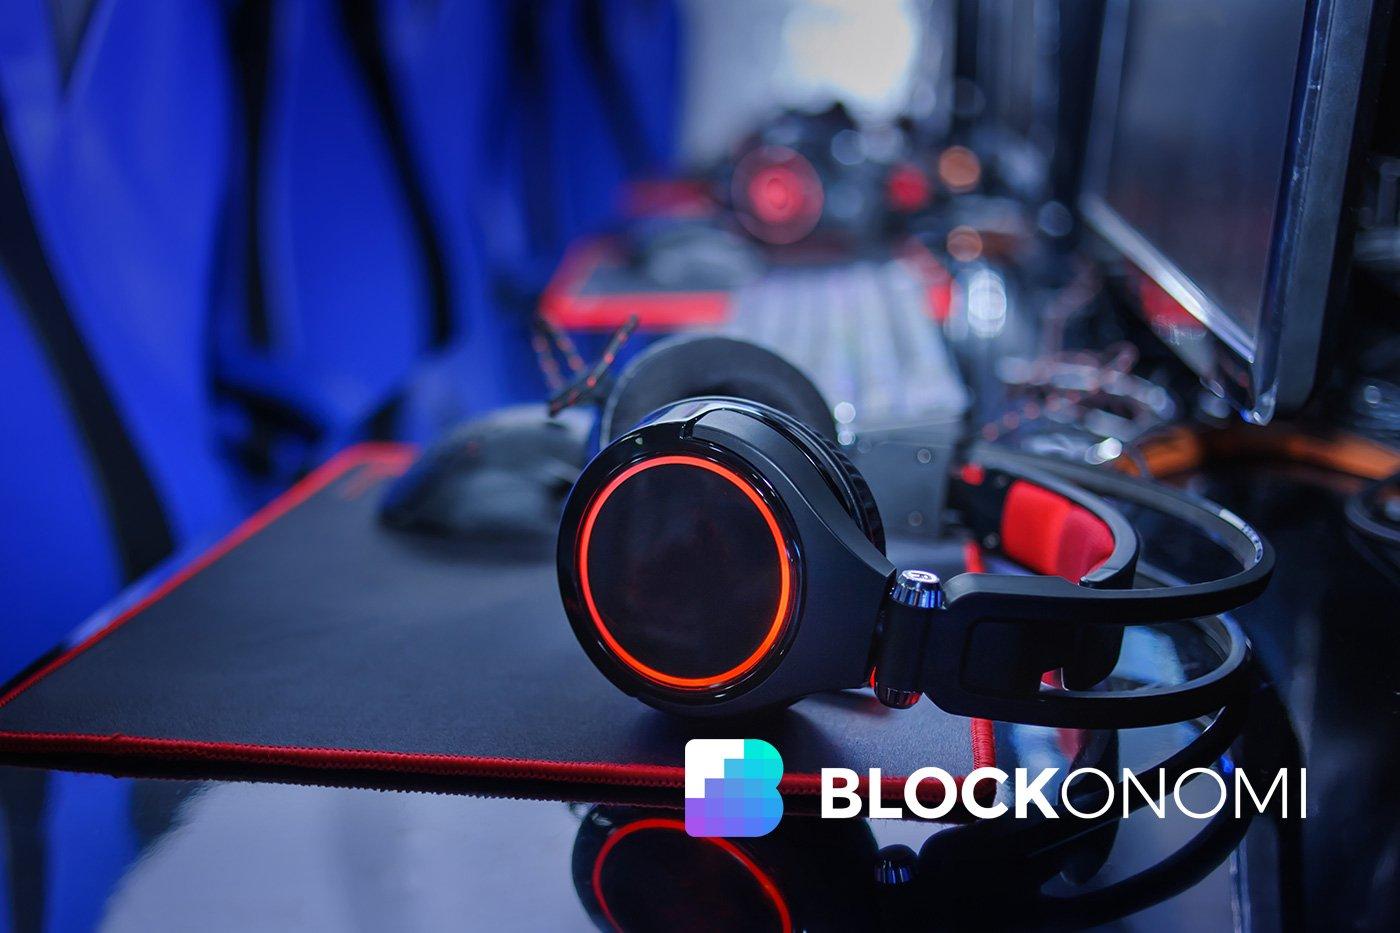 Gaming Blockchain Mainstream